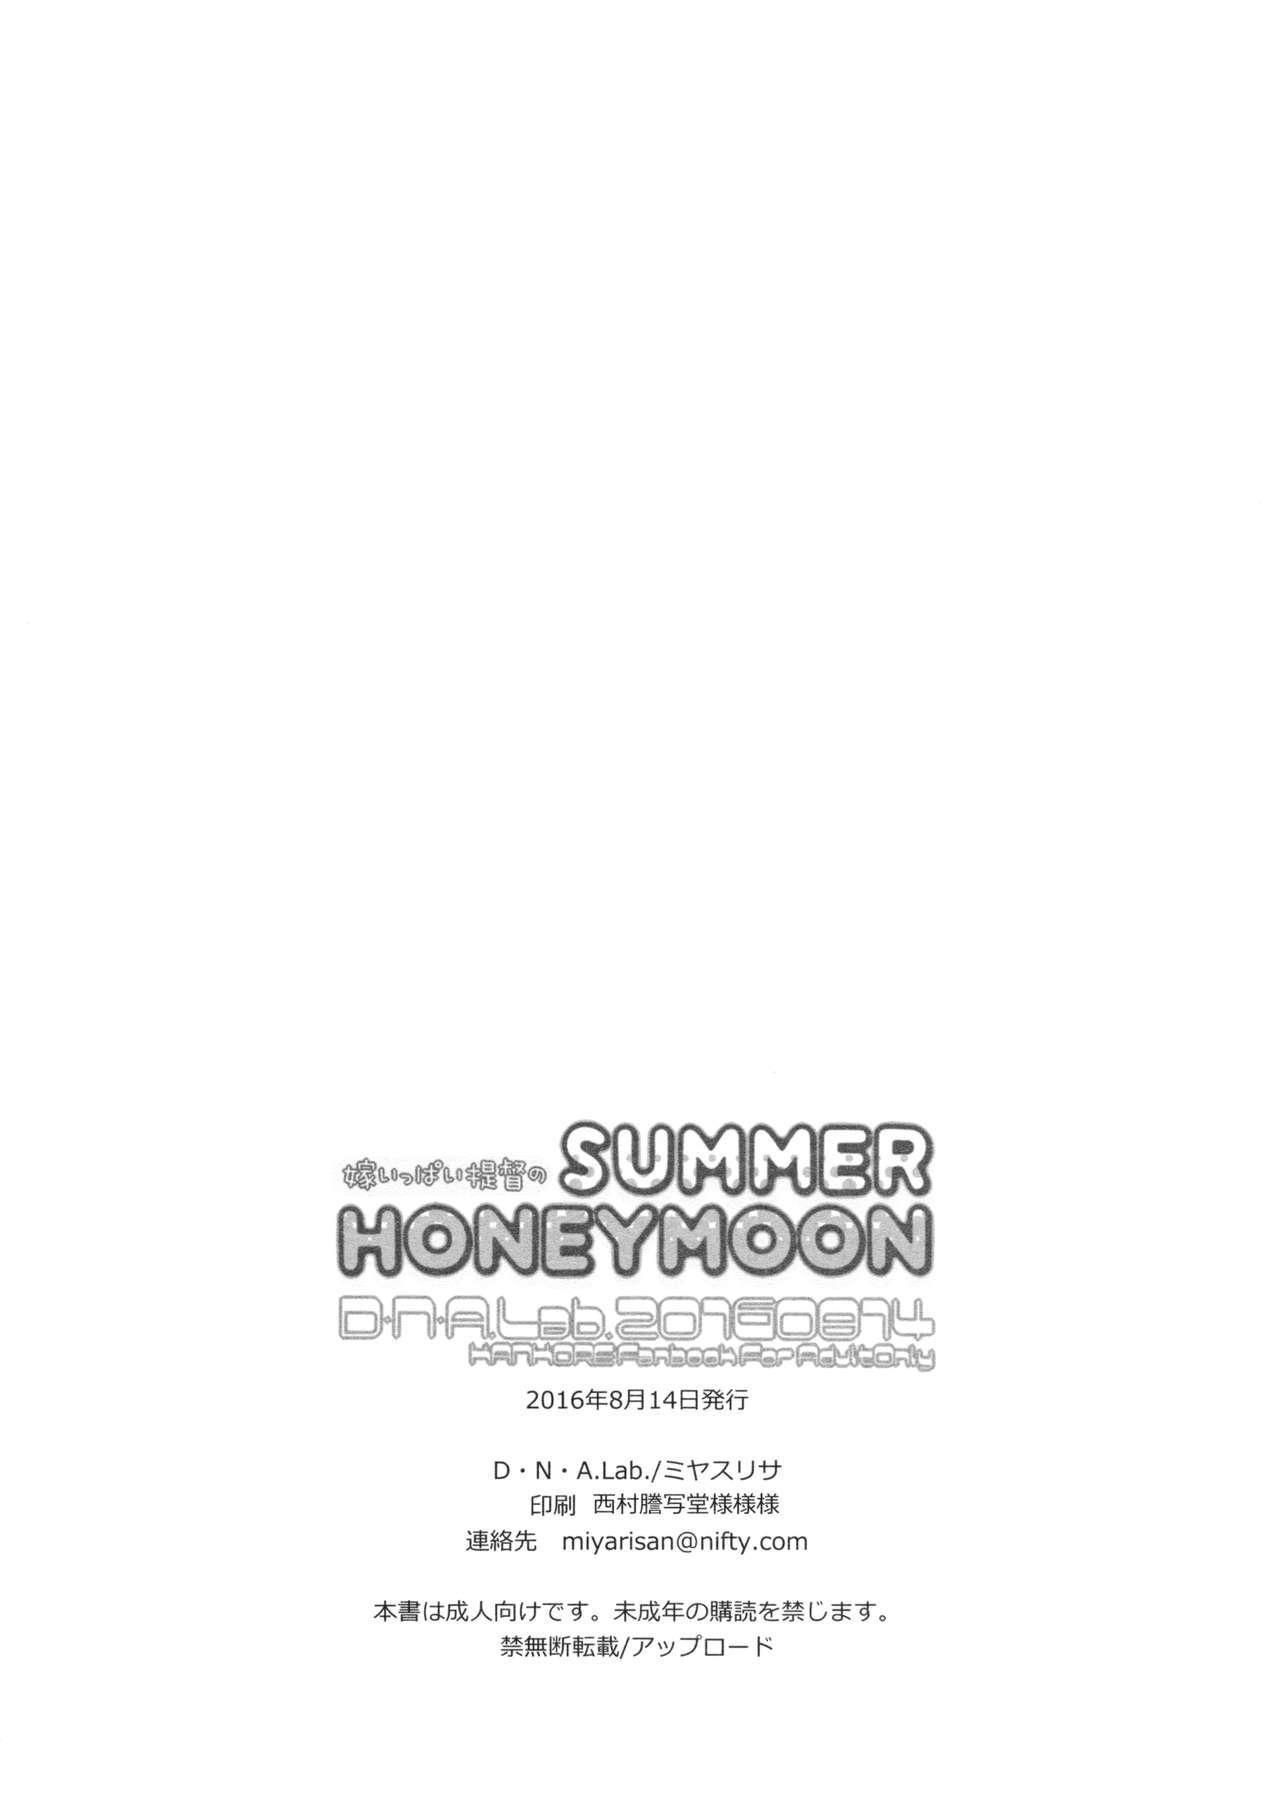 Yome Ippai Teitoku no Summer Honeymoon 28